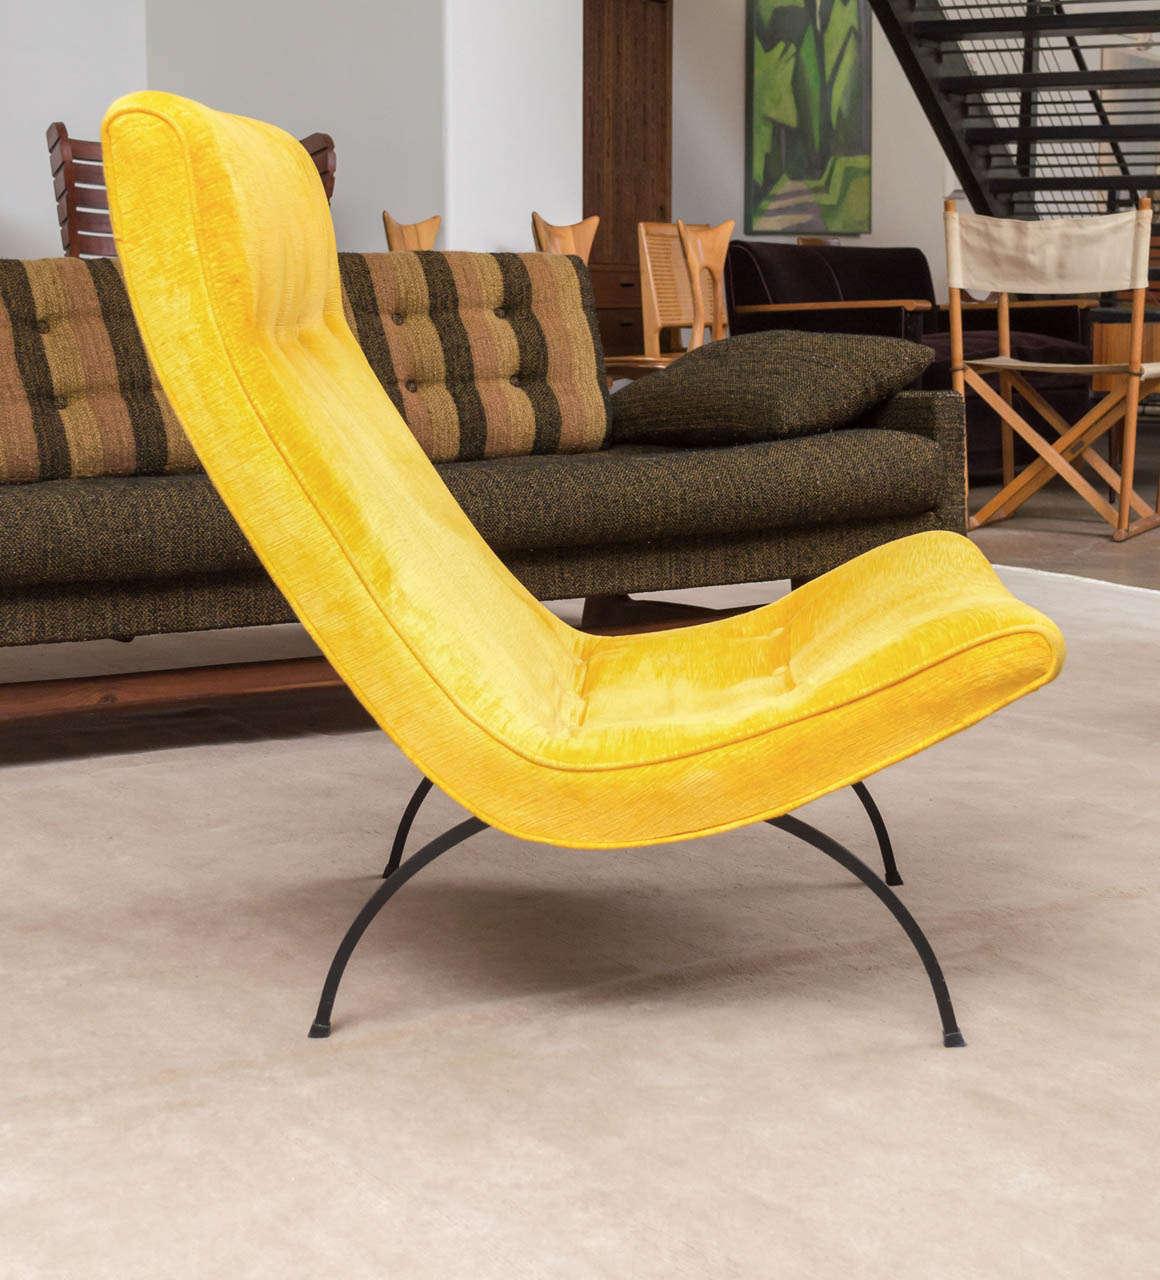 Milo Baughman - Scoop Chair 3